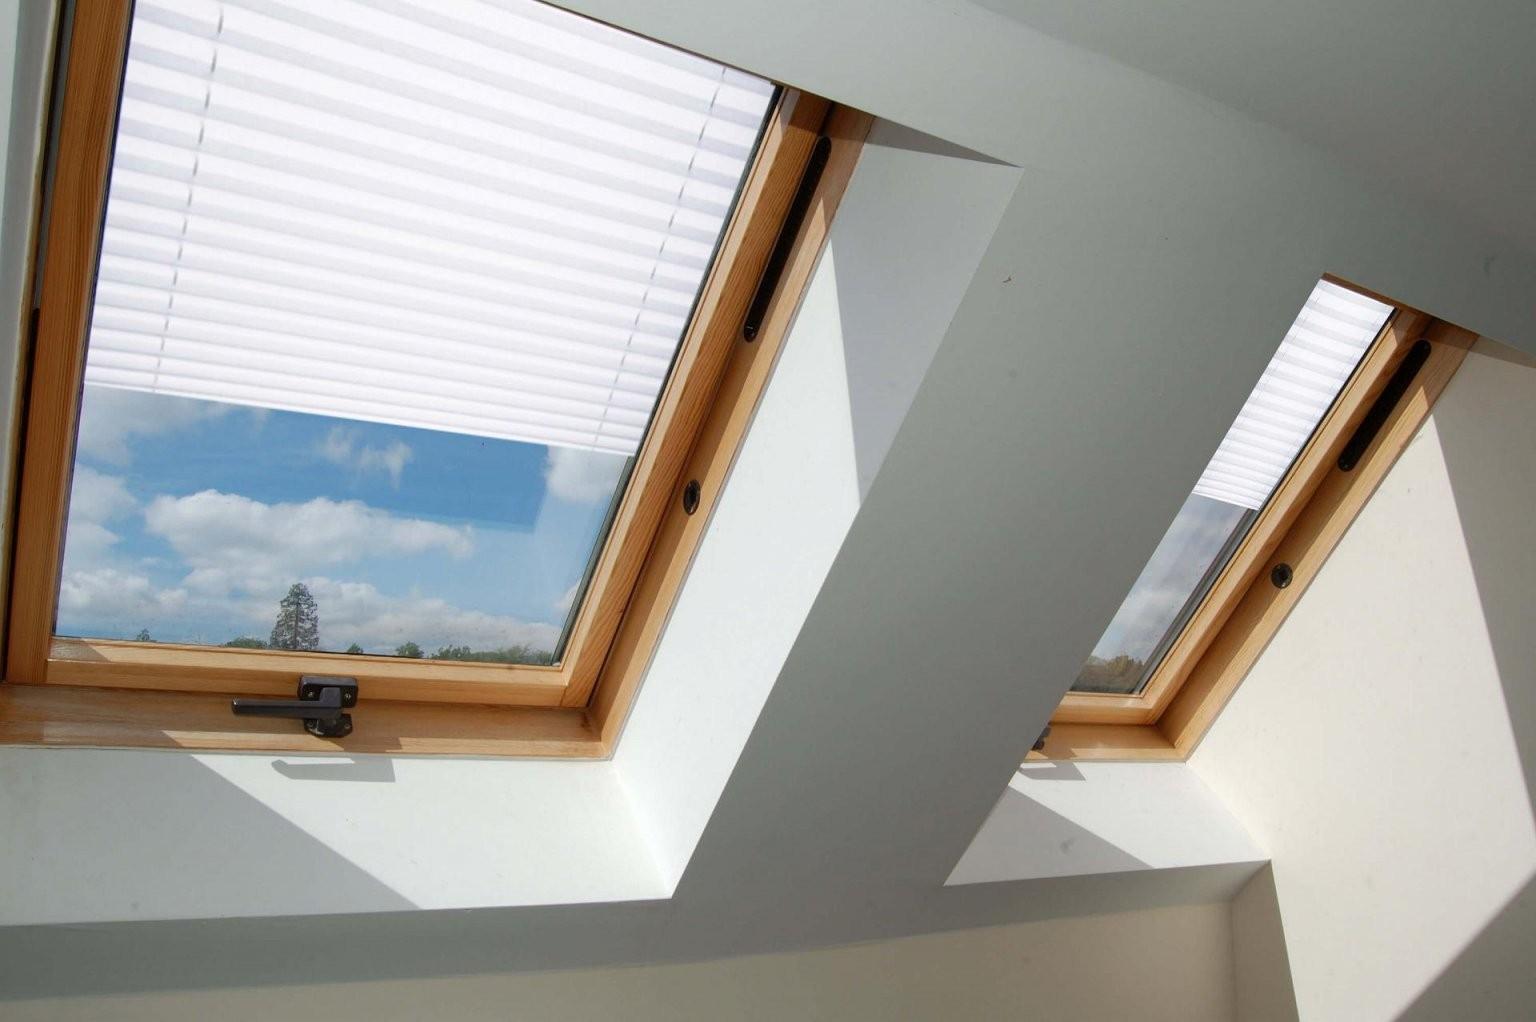 Plissee Dachfenster  Plissee Für Dachfenster Ohne Bohren von Roto Dachfenster Plissee Ohne Bohren Photo